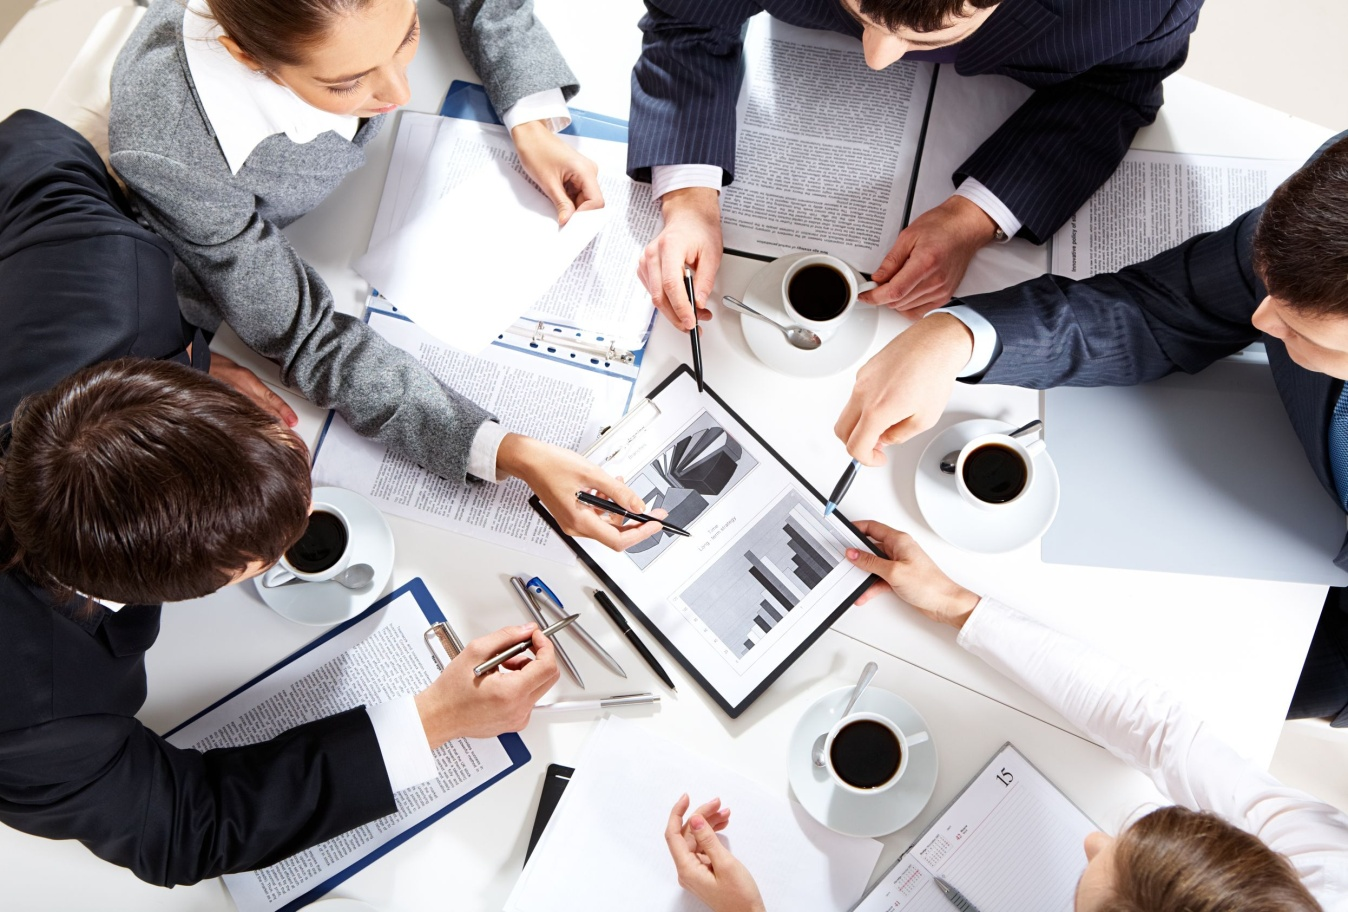 картинка, пересмотр бизнес-стратегии